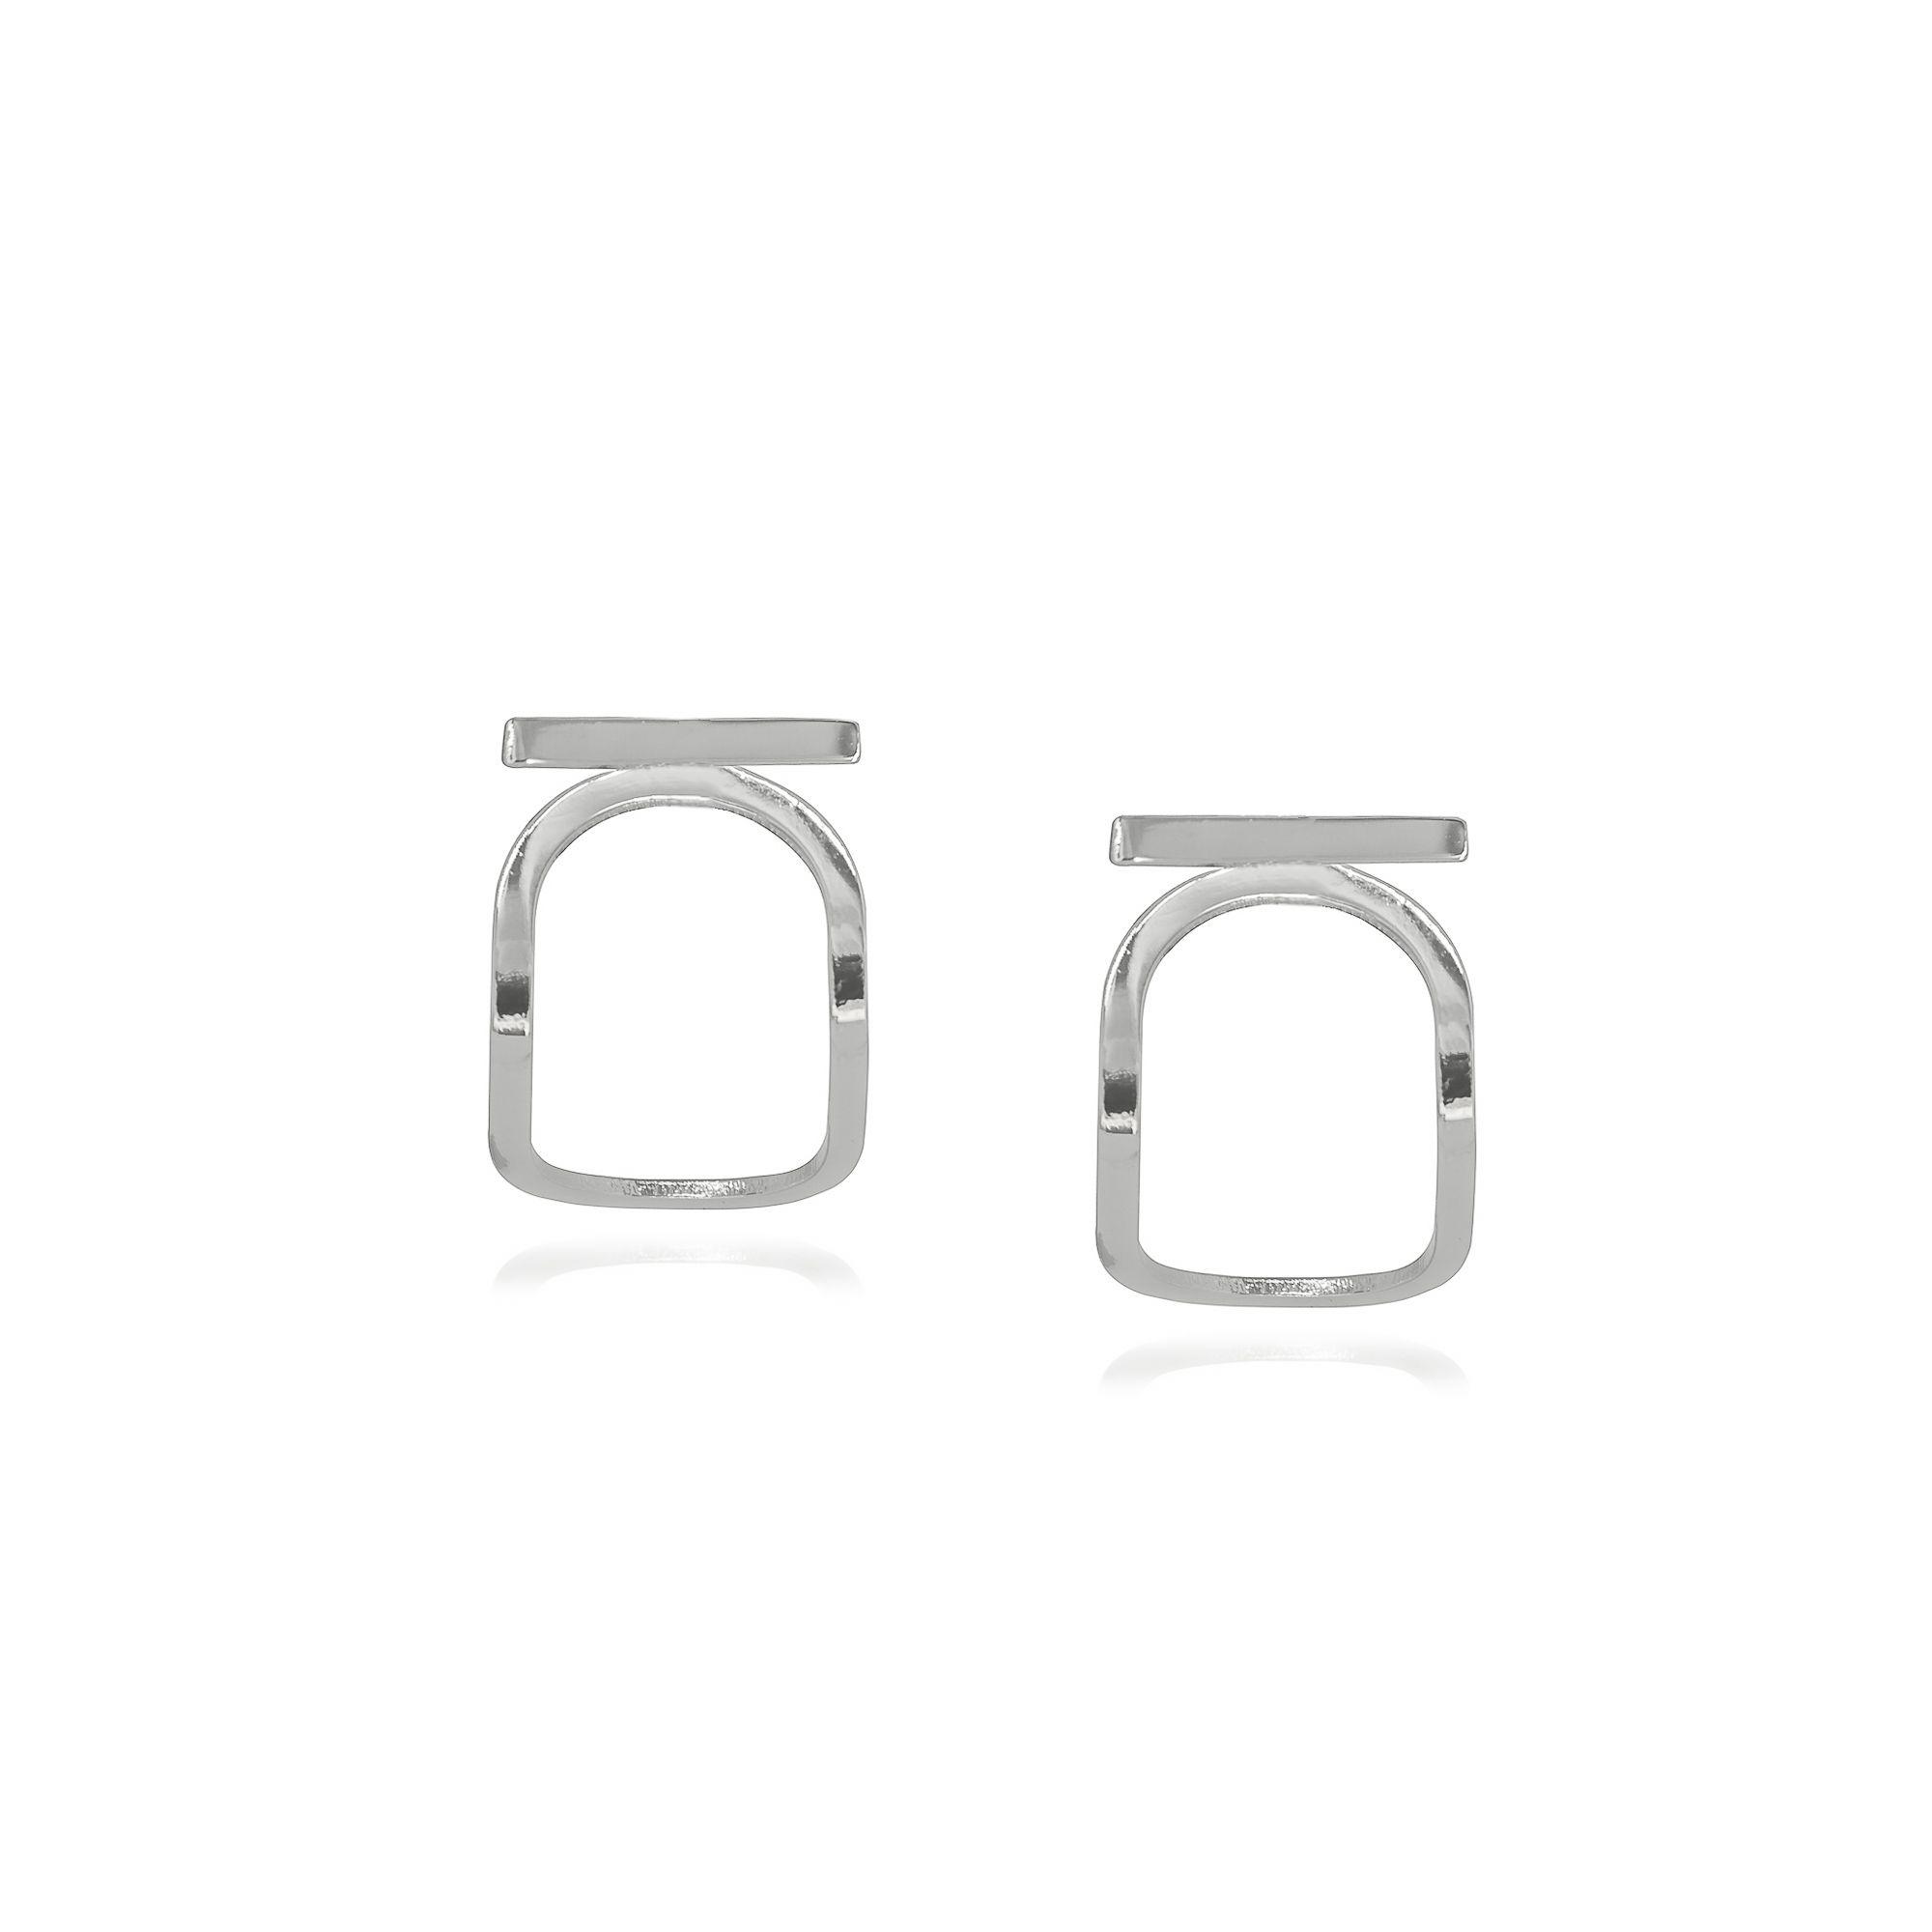 Brinco folheado semijoia geométrico estilo minimalista Oval